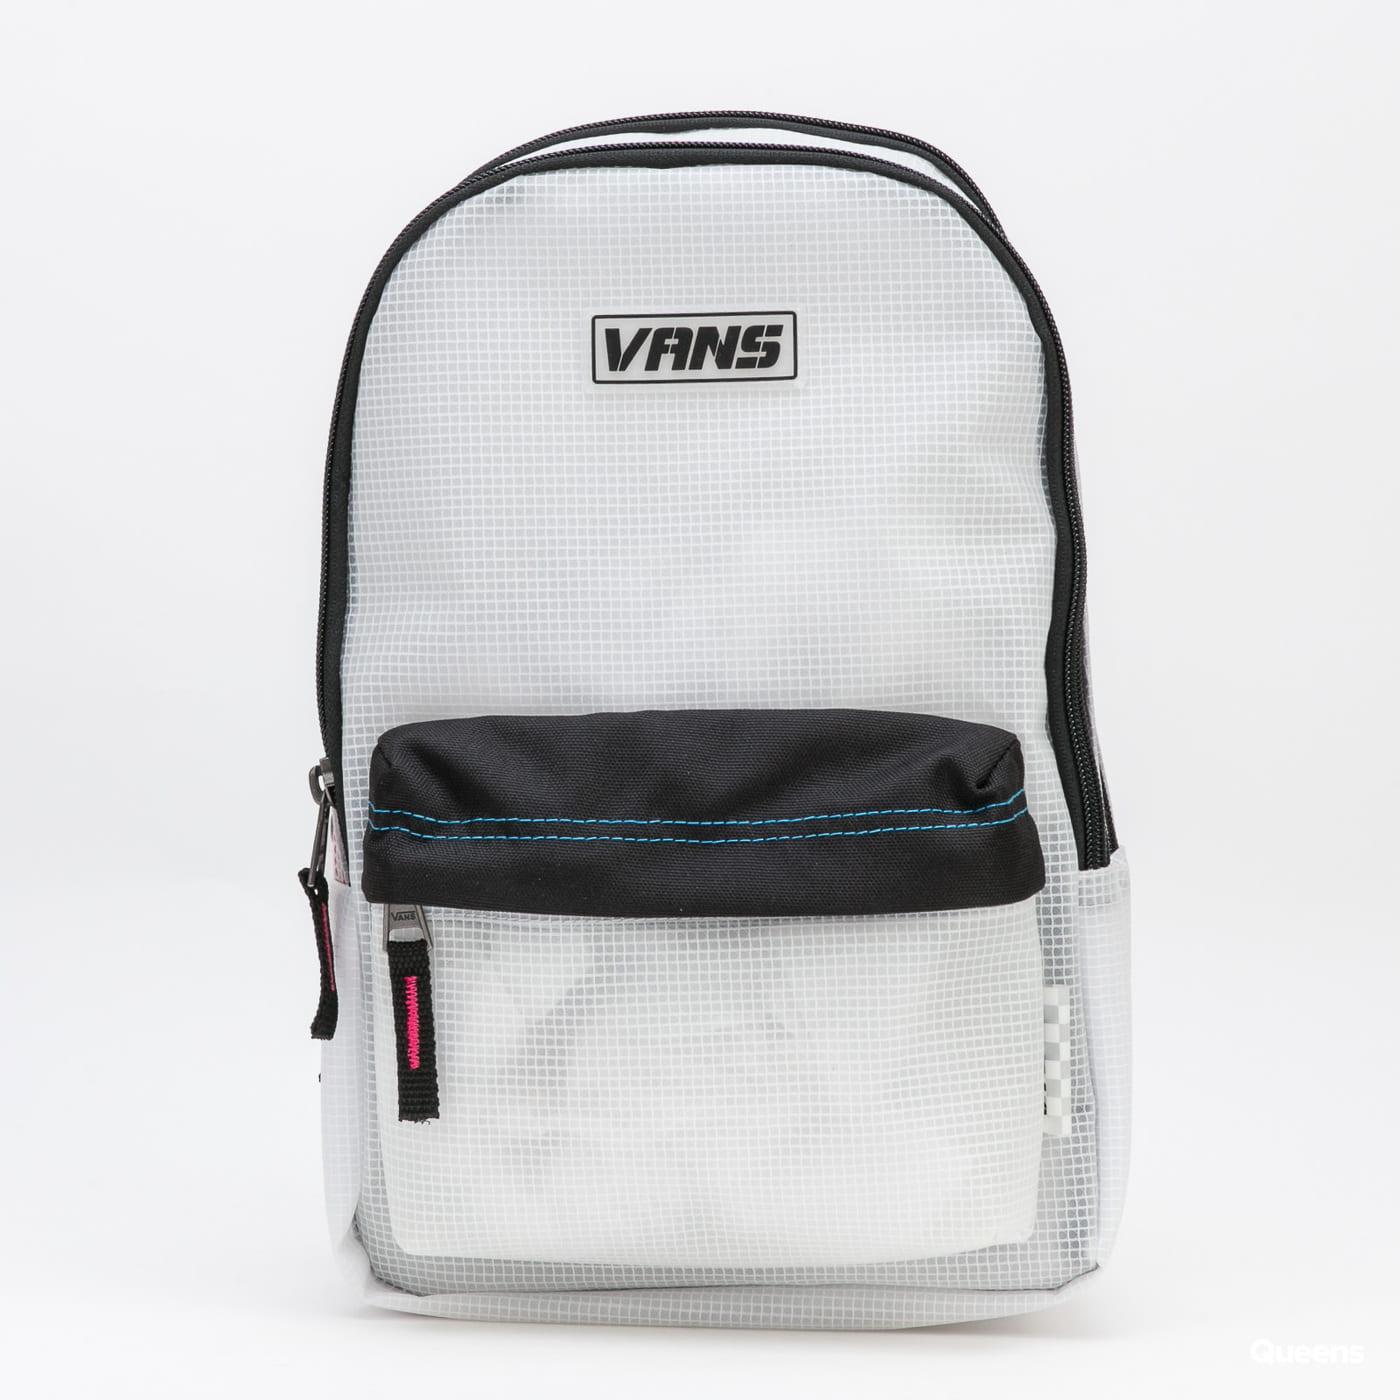 Vans Thread It Backpack white